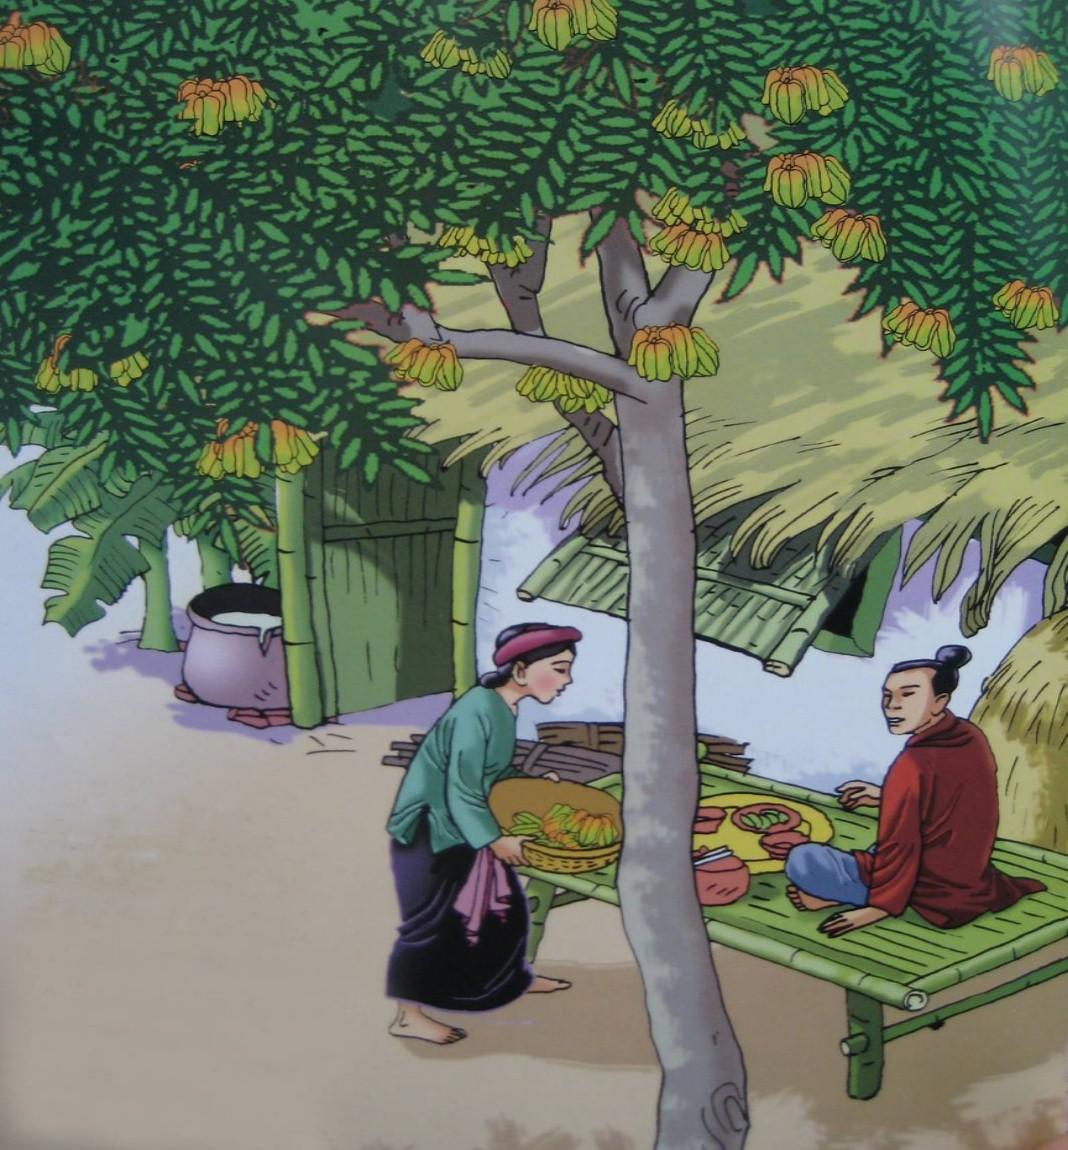 Cây khế có quả, chim đến ăn, người em phàn nàn và chim hẹn trả ơn bằng vàng.